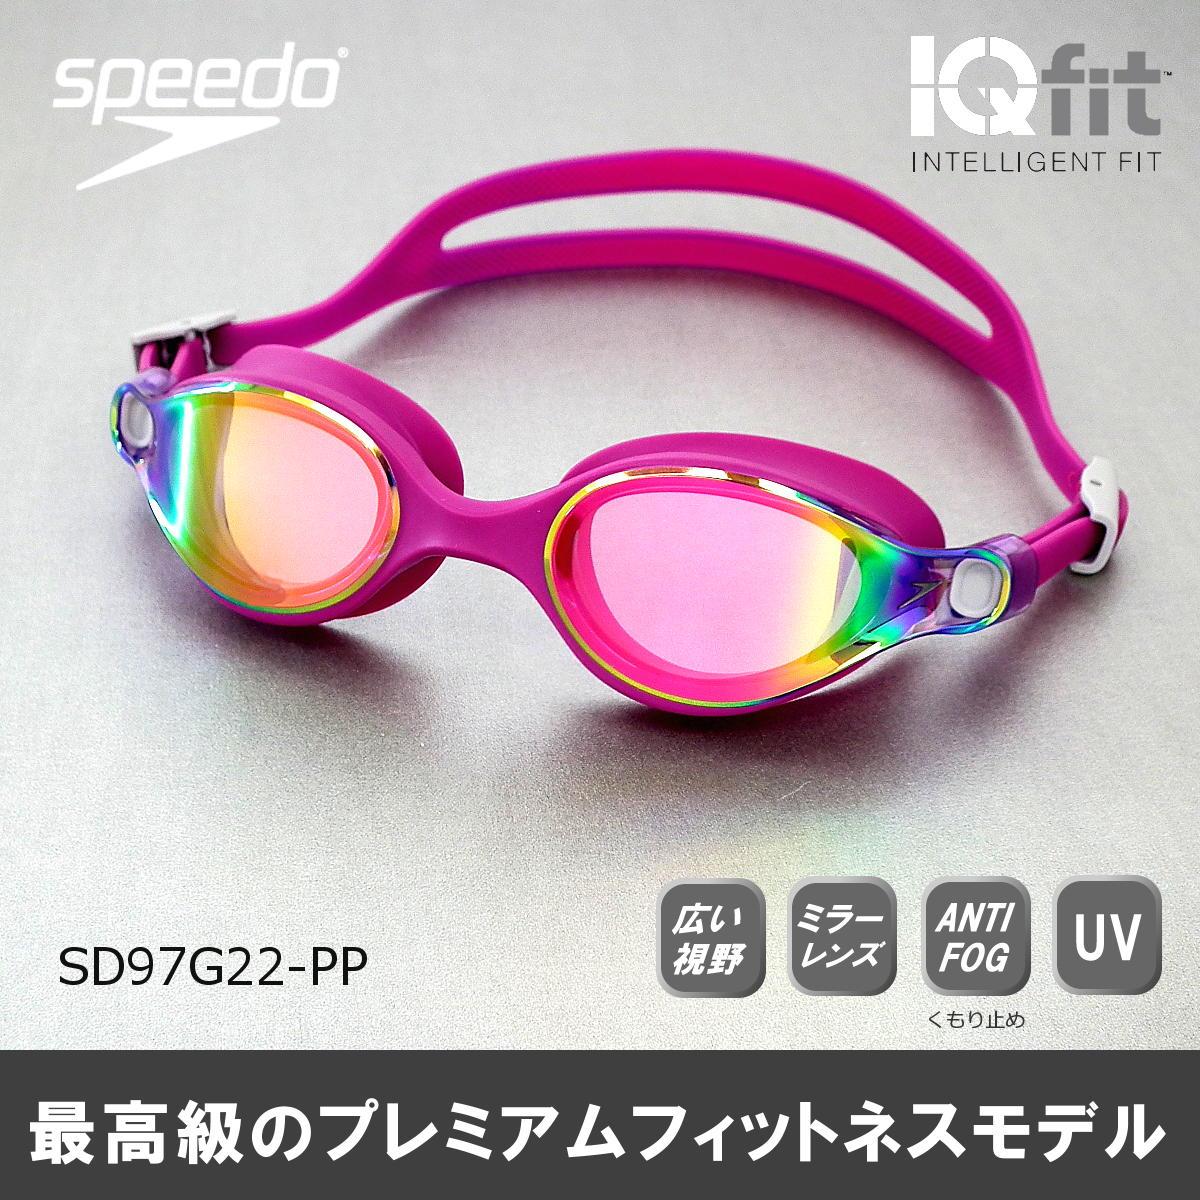 【スイムゴーグル】【女性用】SPEEDO スピード クッションパッド付き スイミングゴーグル ミラータイプ Virtue ヴァーチュゴーグル 水泳 SD97G22-PP